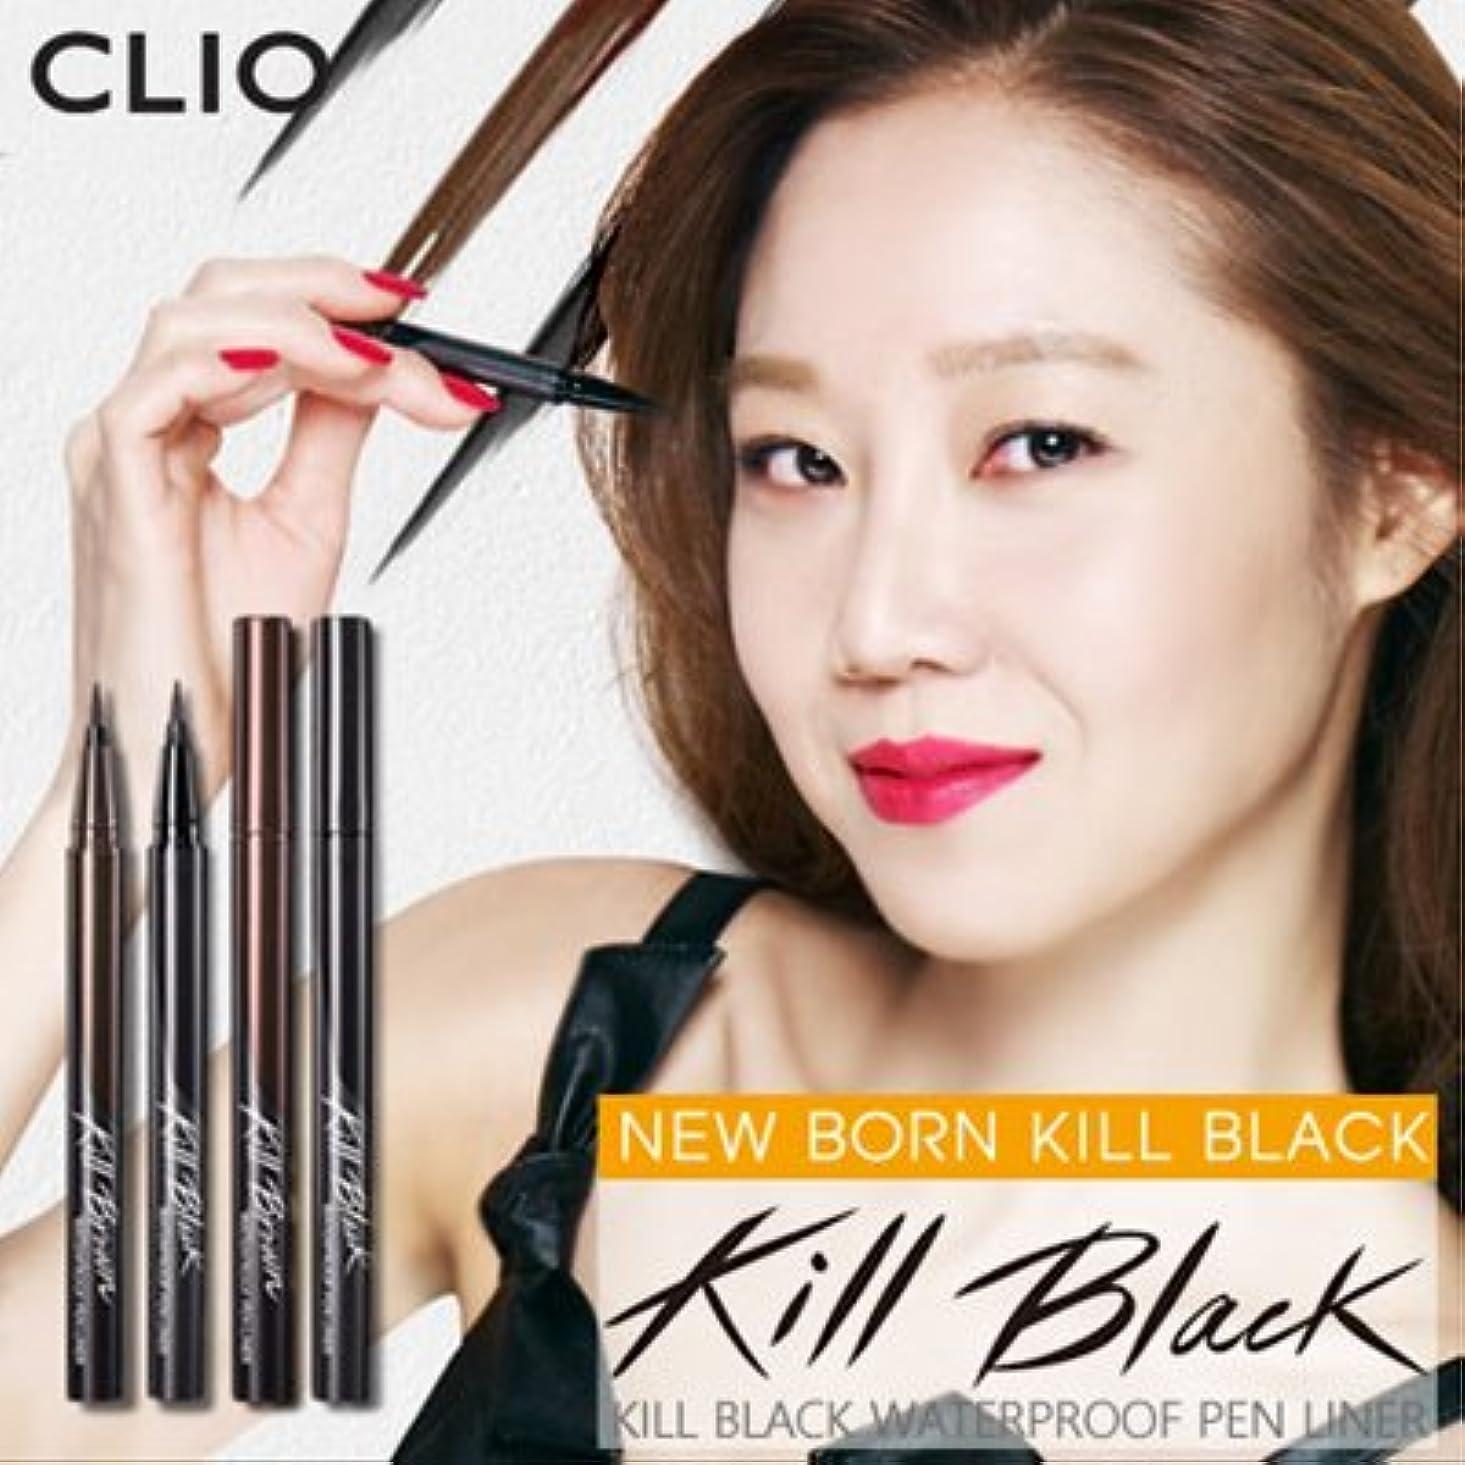 シンカンお誕生日資本CLIO Waterproof Pen Liner (# Kill Black) クリオ ウォータープルーフペンライナー [並行輸入品]